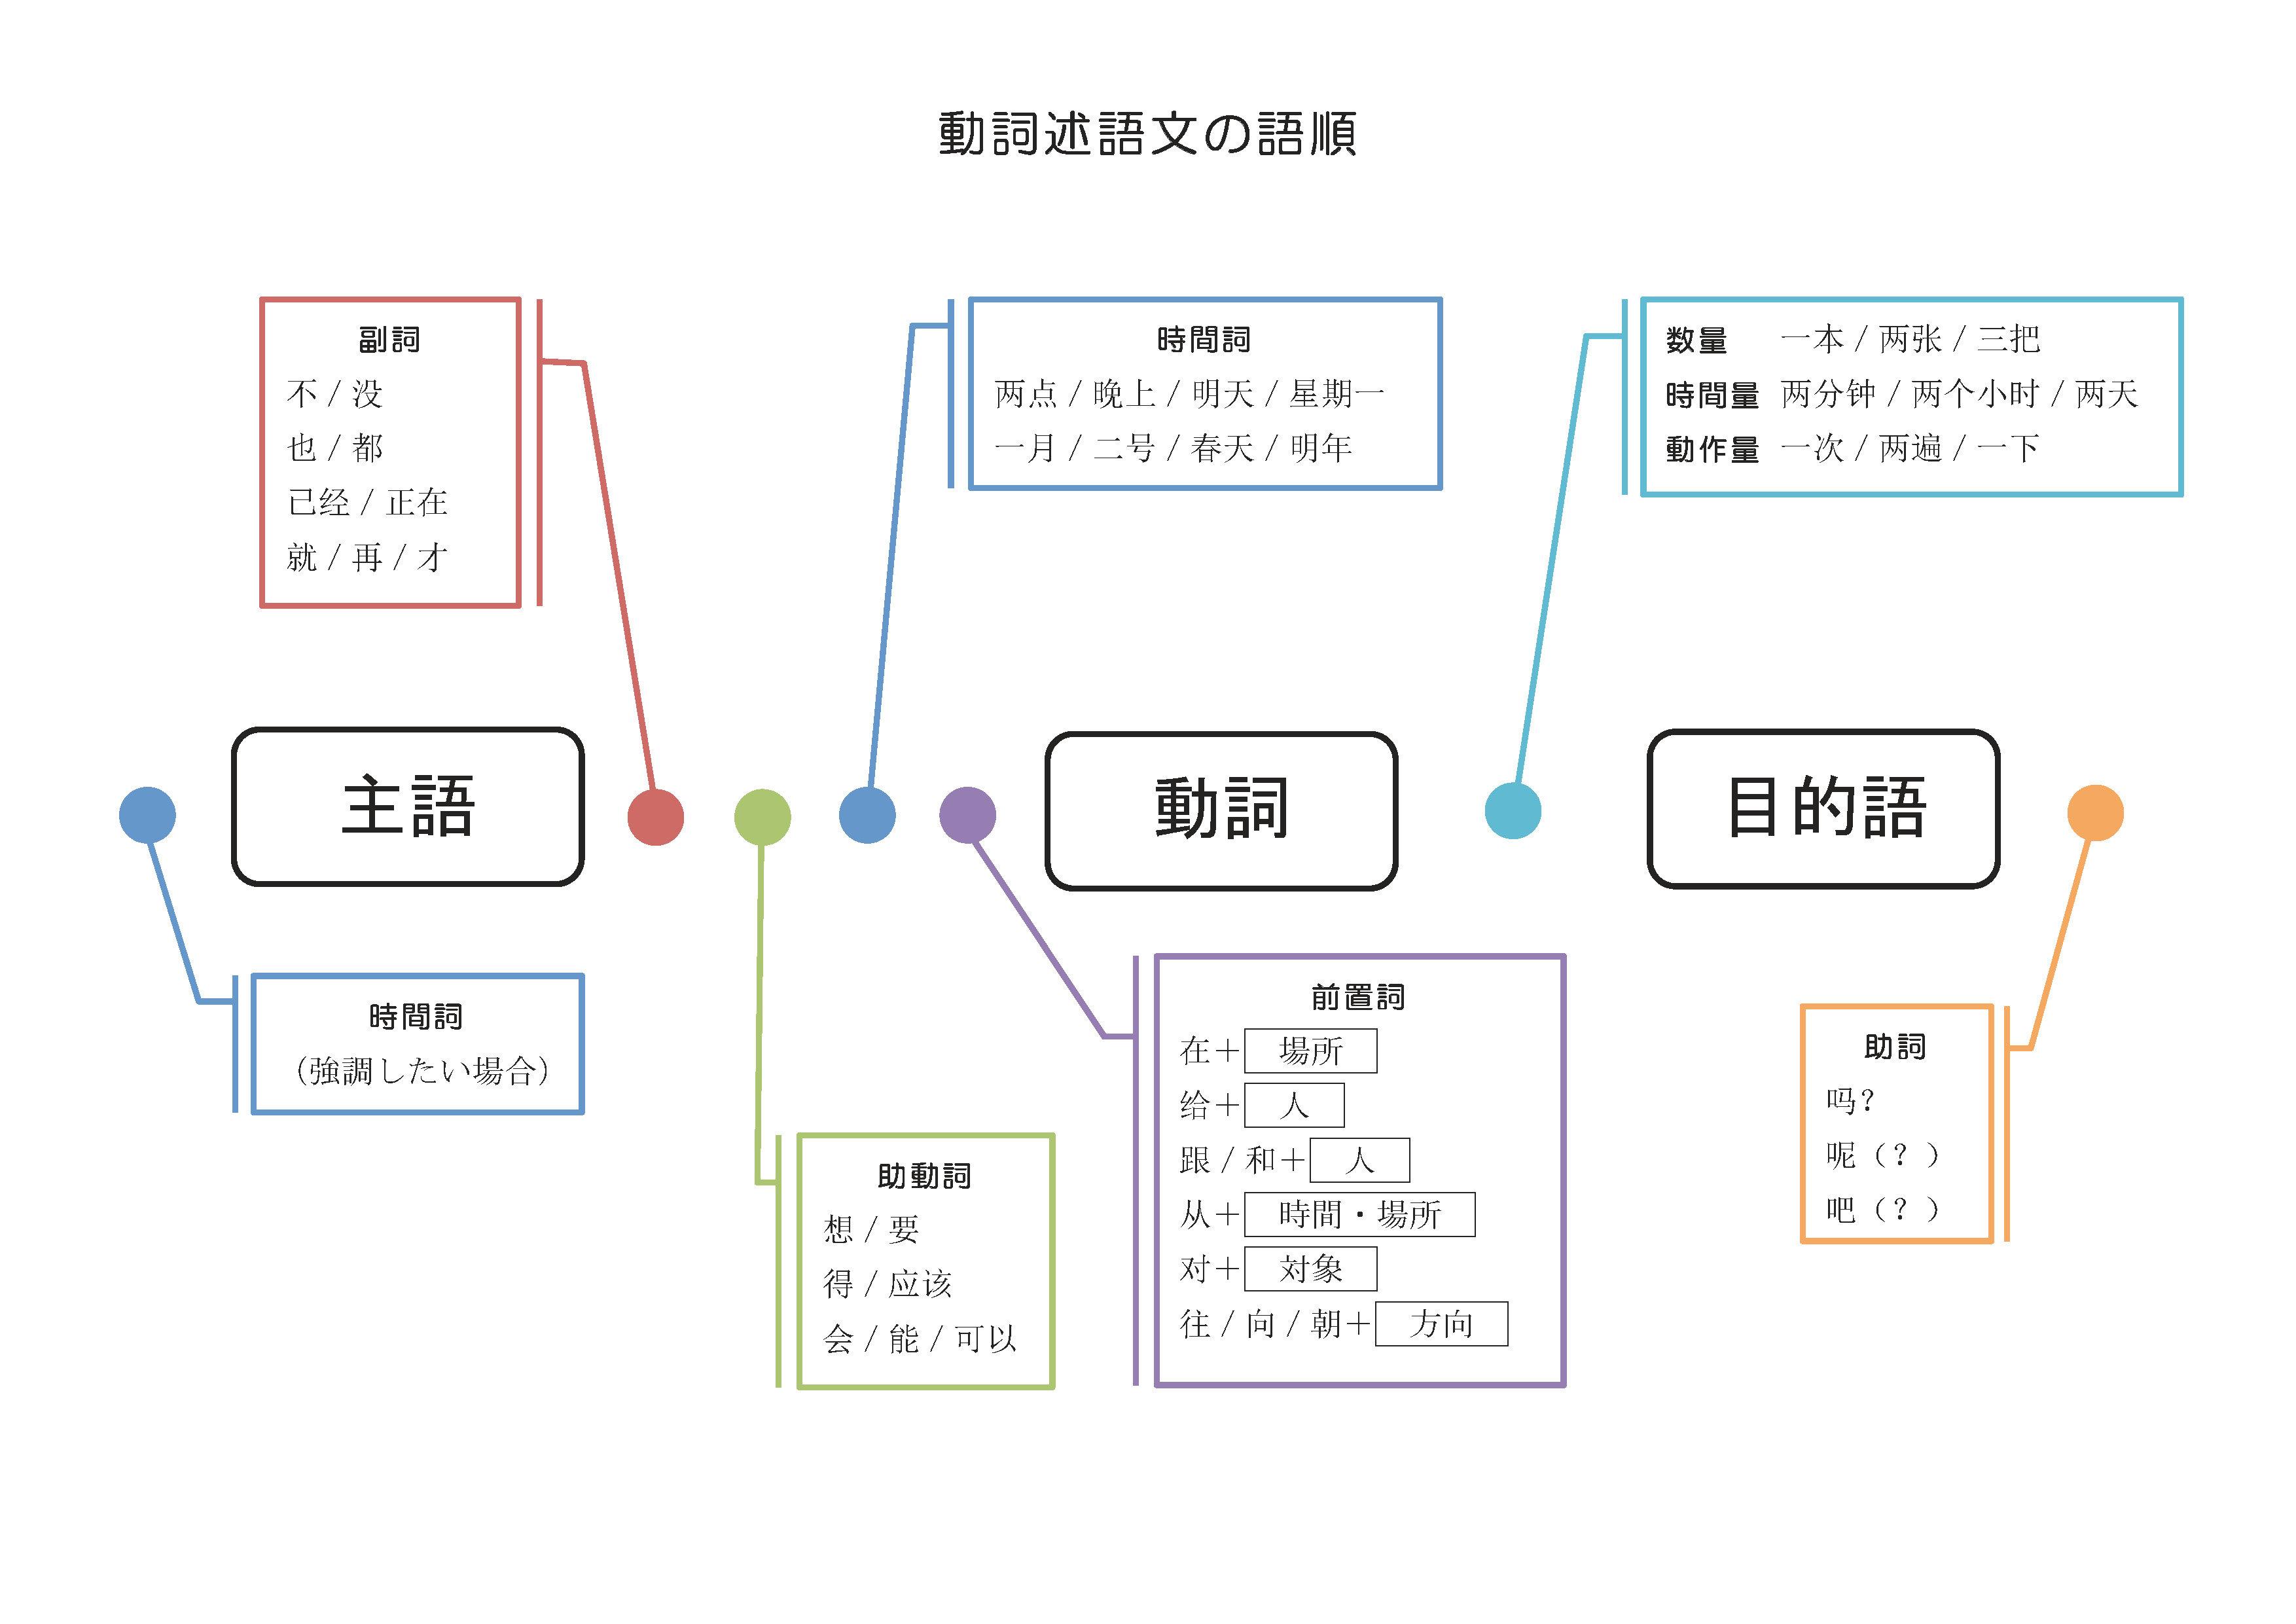 中国語の語順が大事です語順図 講師mari Taiwan 的專欄